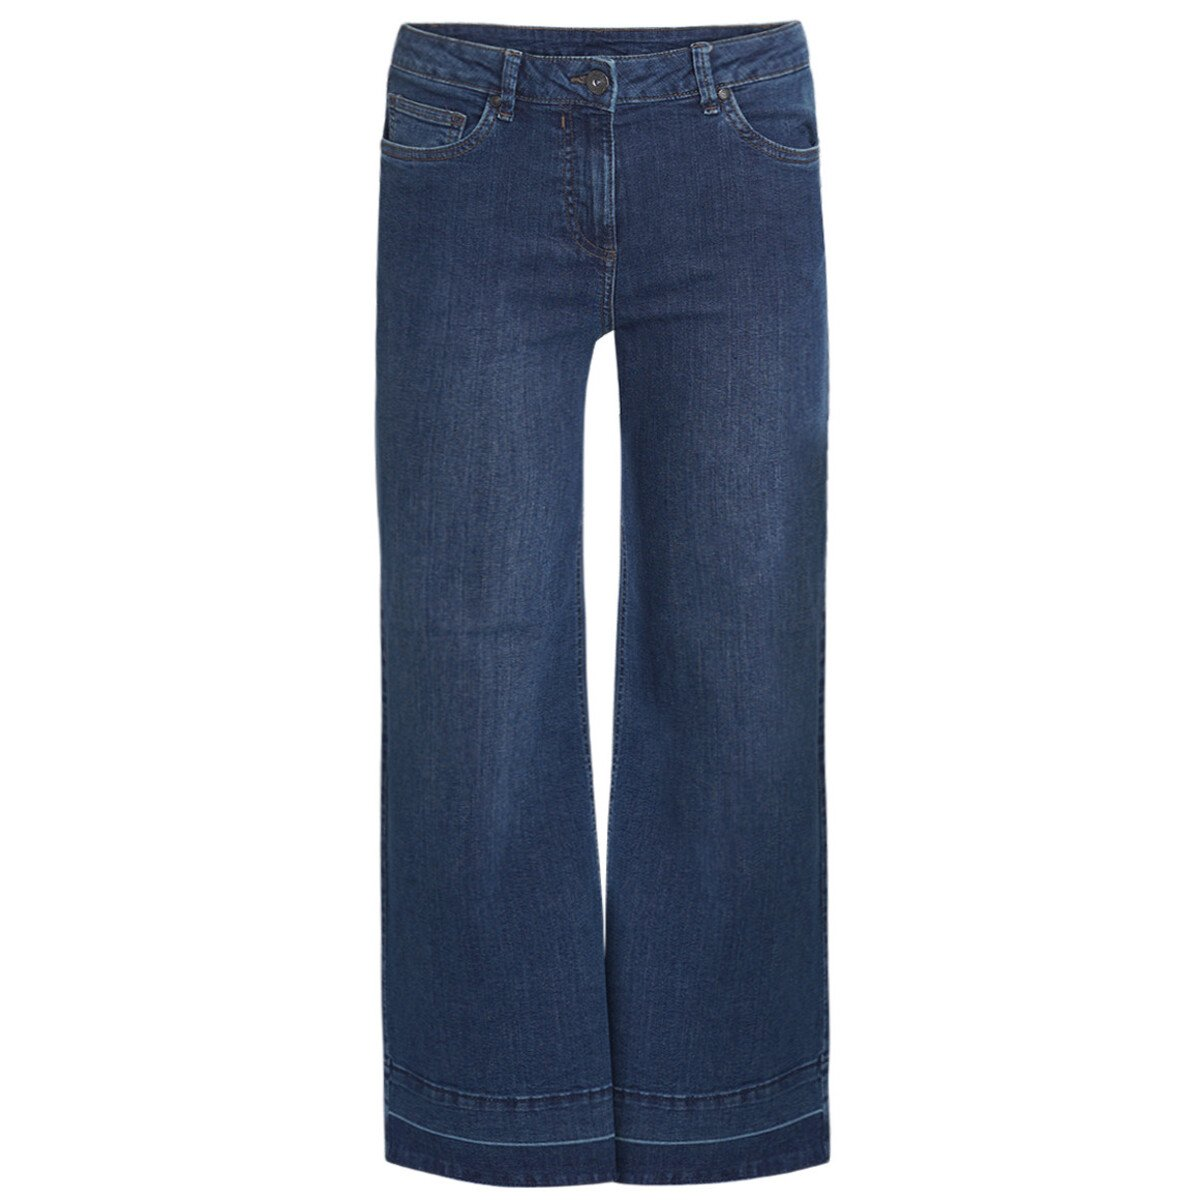 Bild 1 von Damen Jeans mit weitem Schnitt